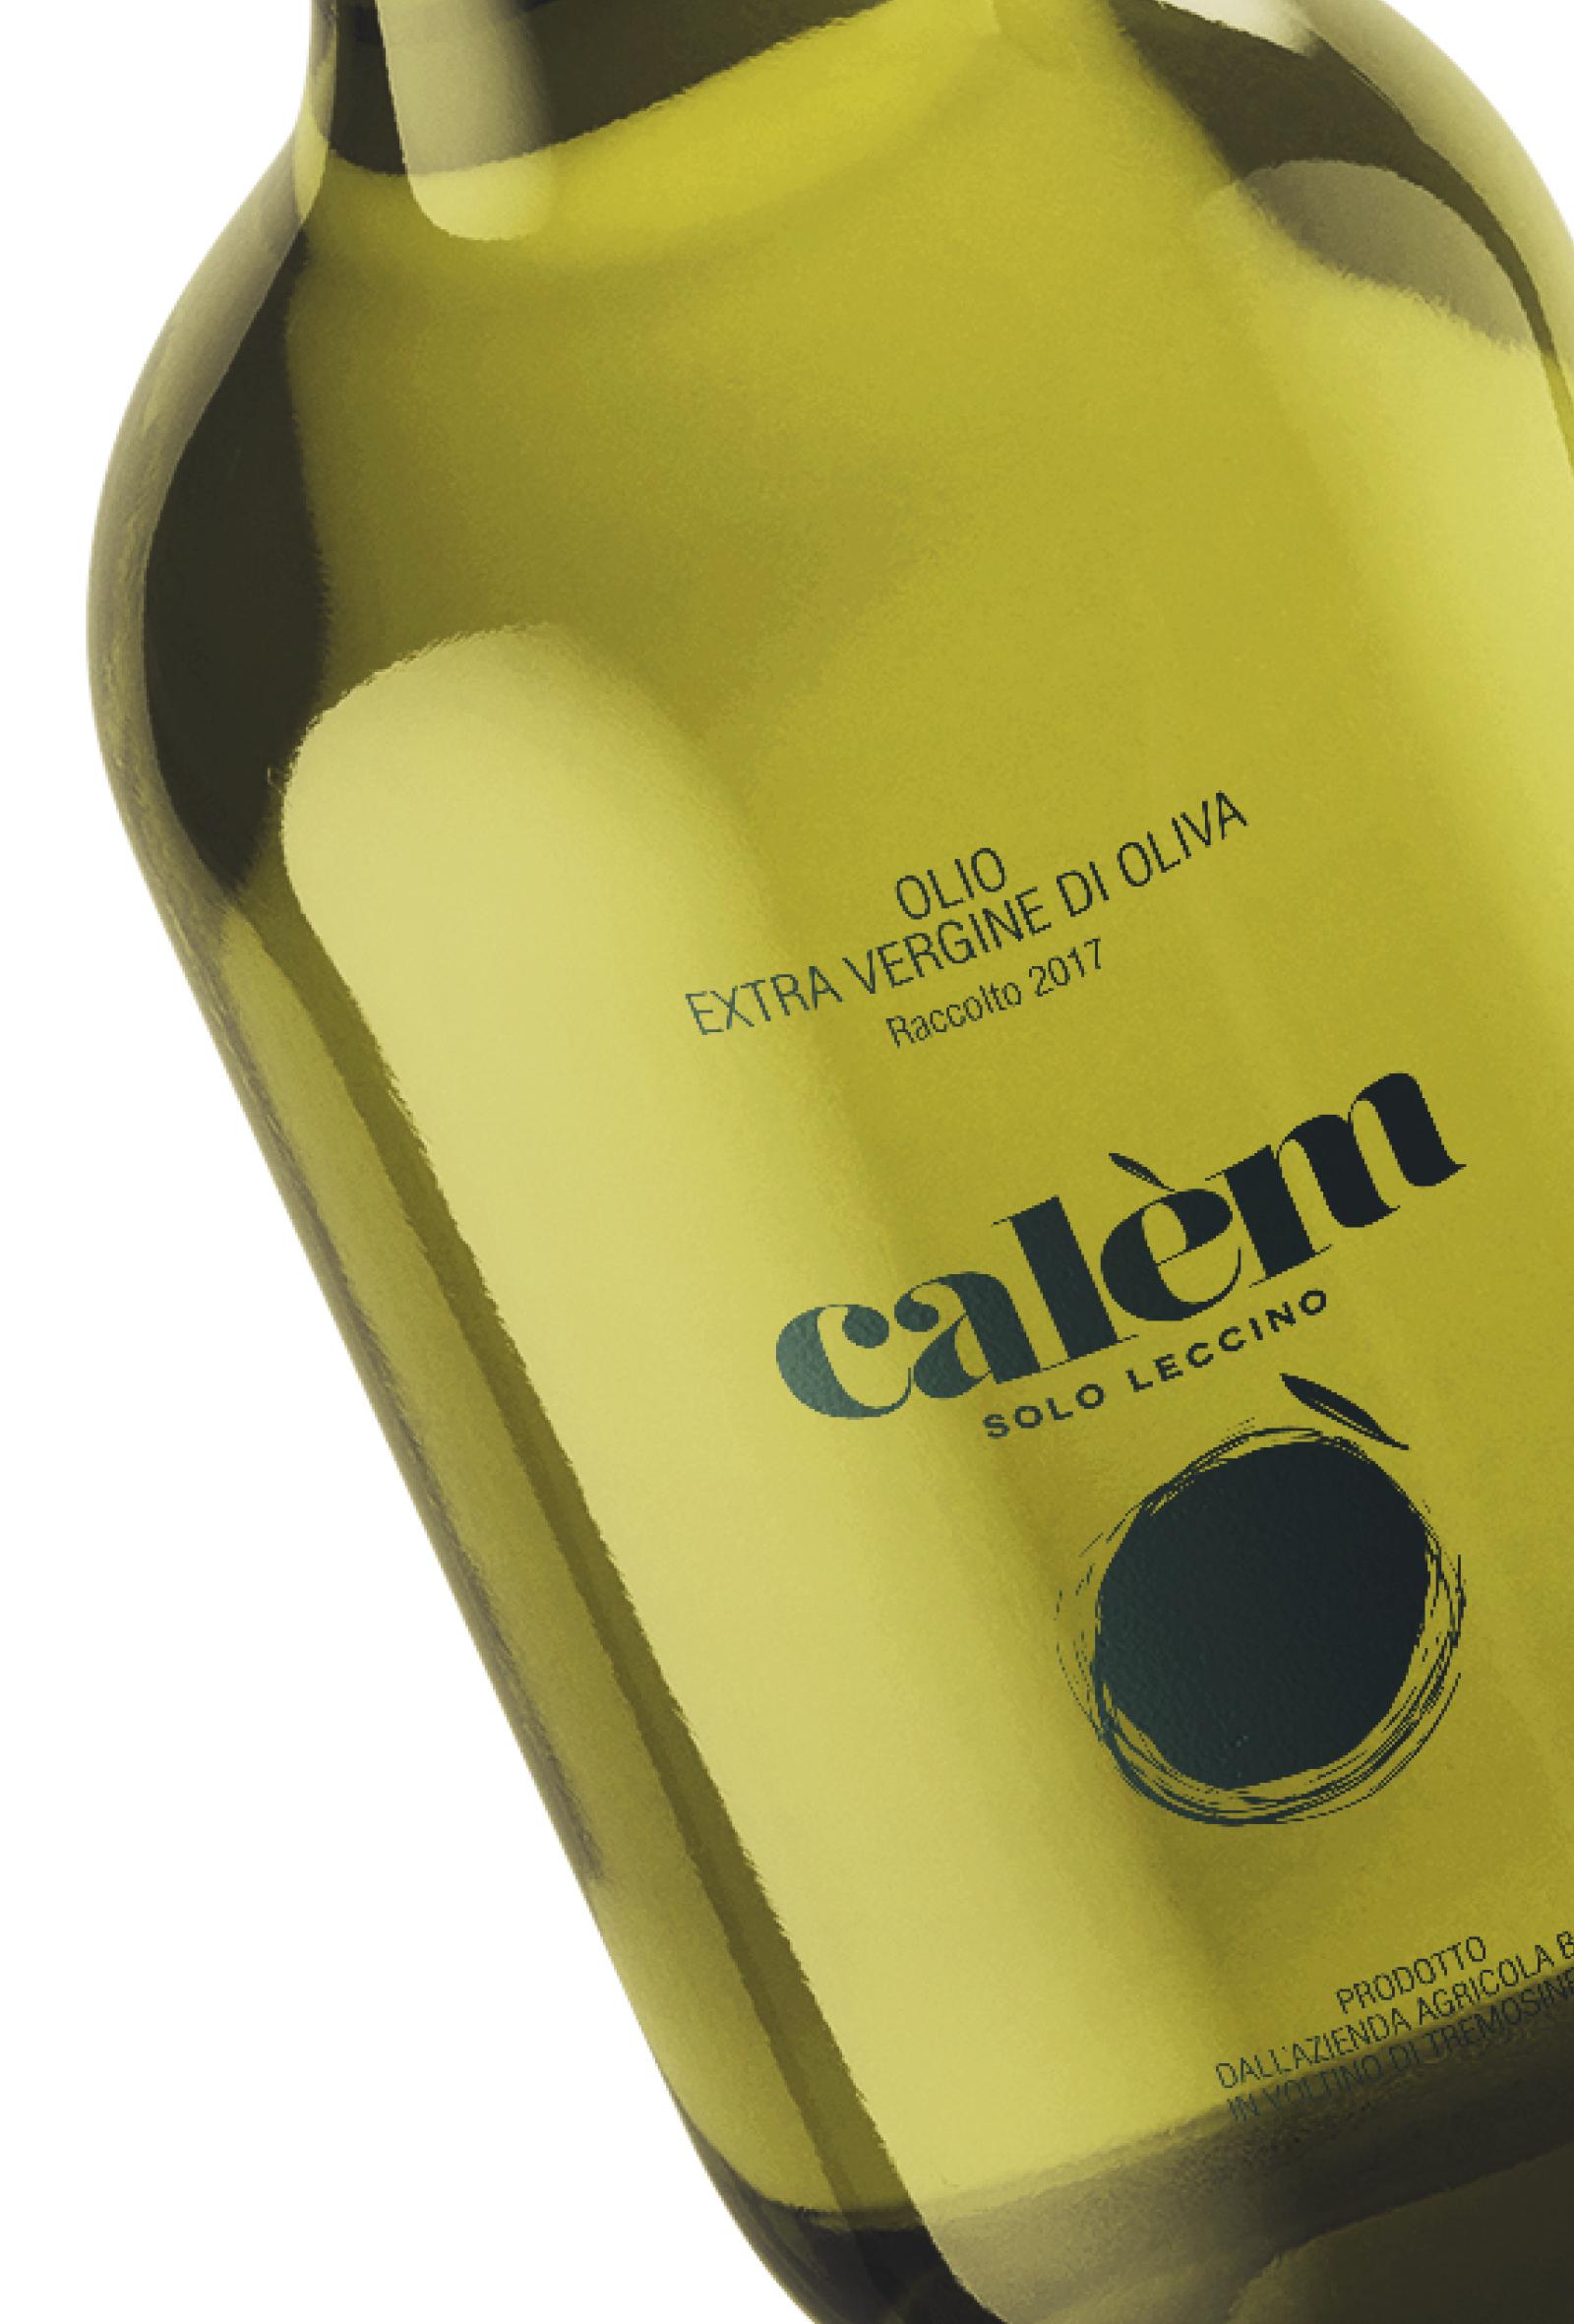 progetto per etichetta bottiglia olio calem, progetto grafico diade studio agenzia di comunicazione arco trento